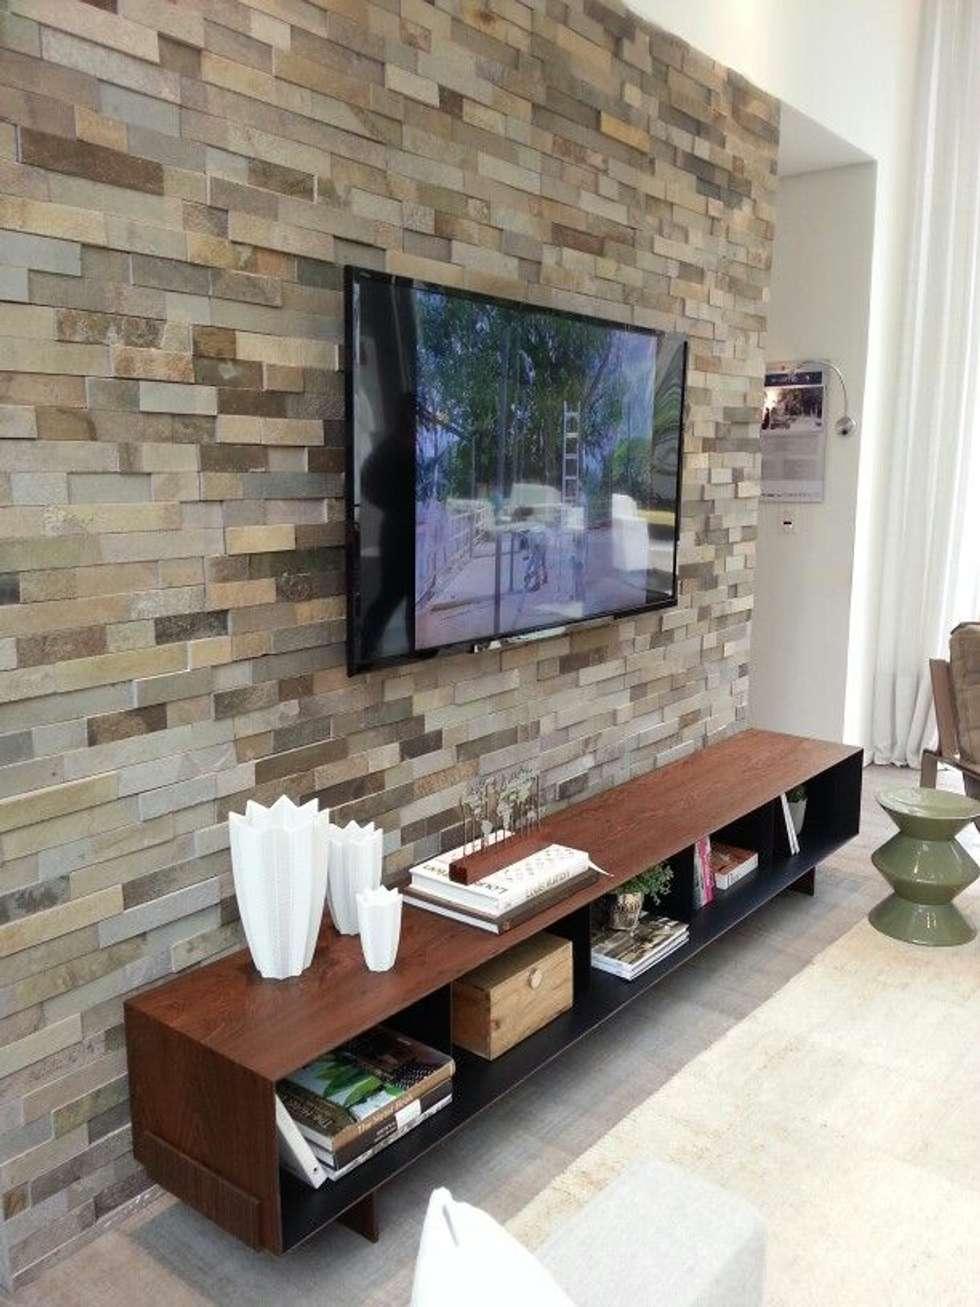 18 Revestimentos De Pedra Lindos Para A Decora O Da Casa -> Fotos Parede Revestida De Sala